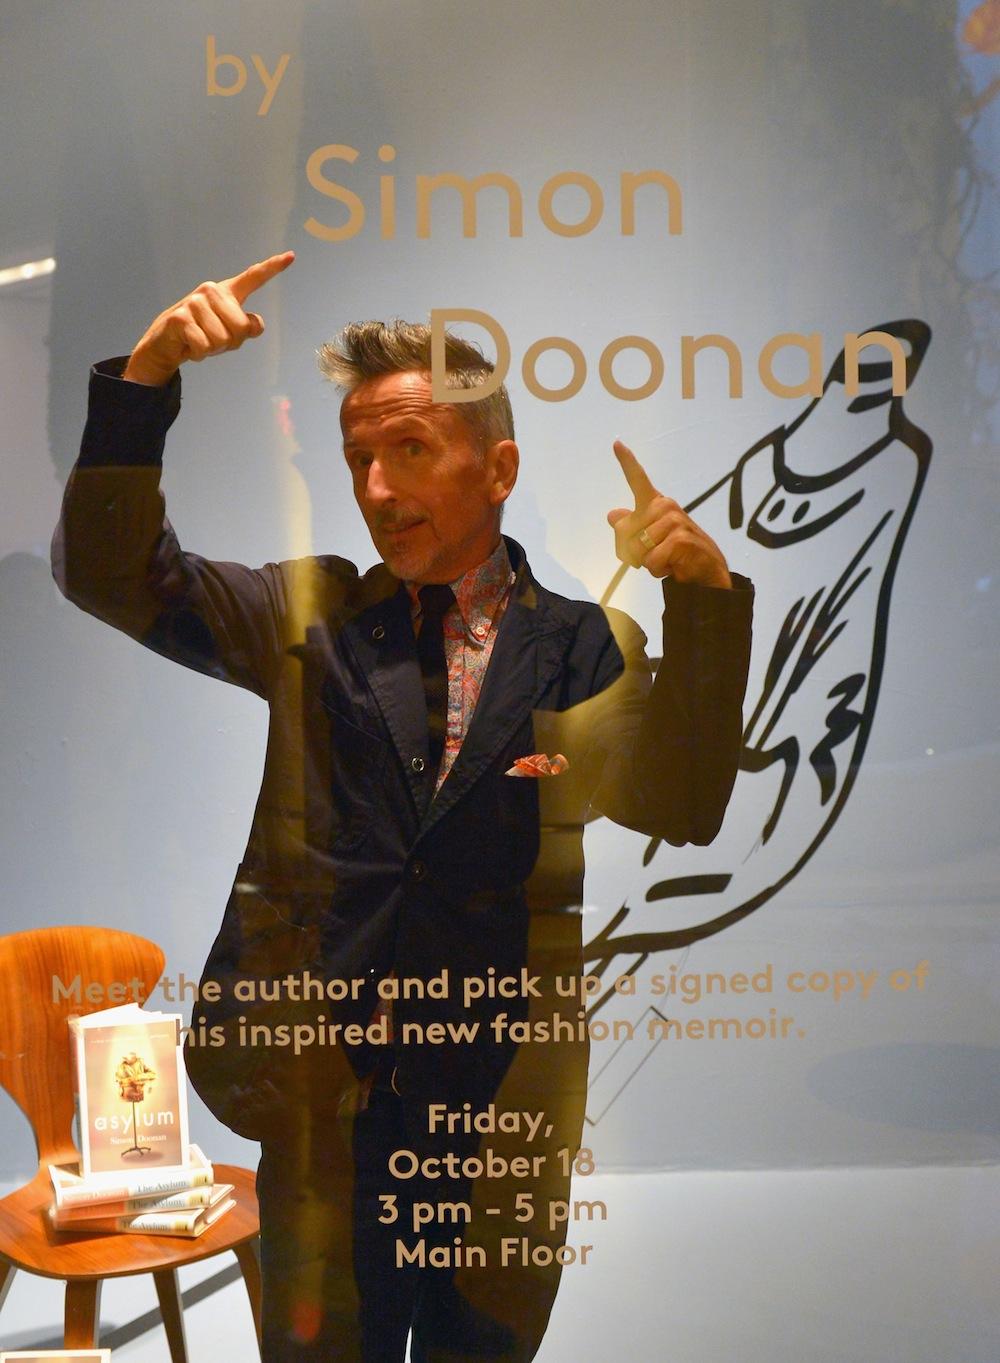 Simon%20Doonan%20Bryan%20Steffy.jpg